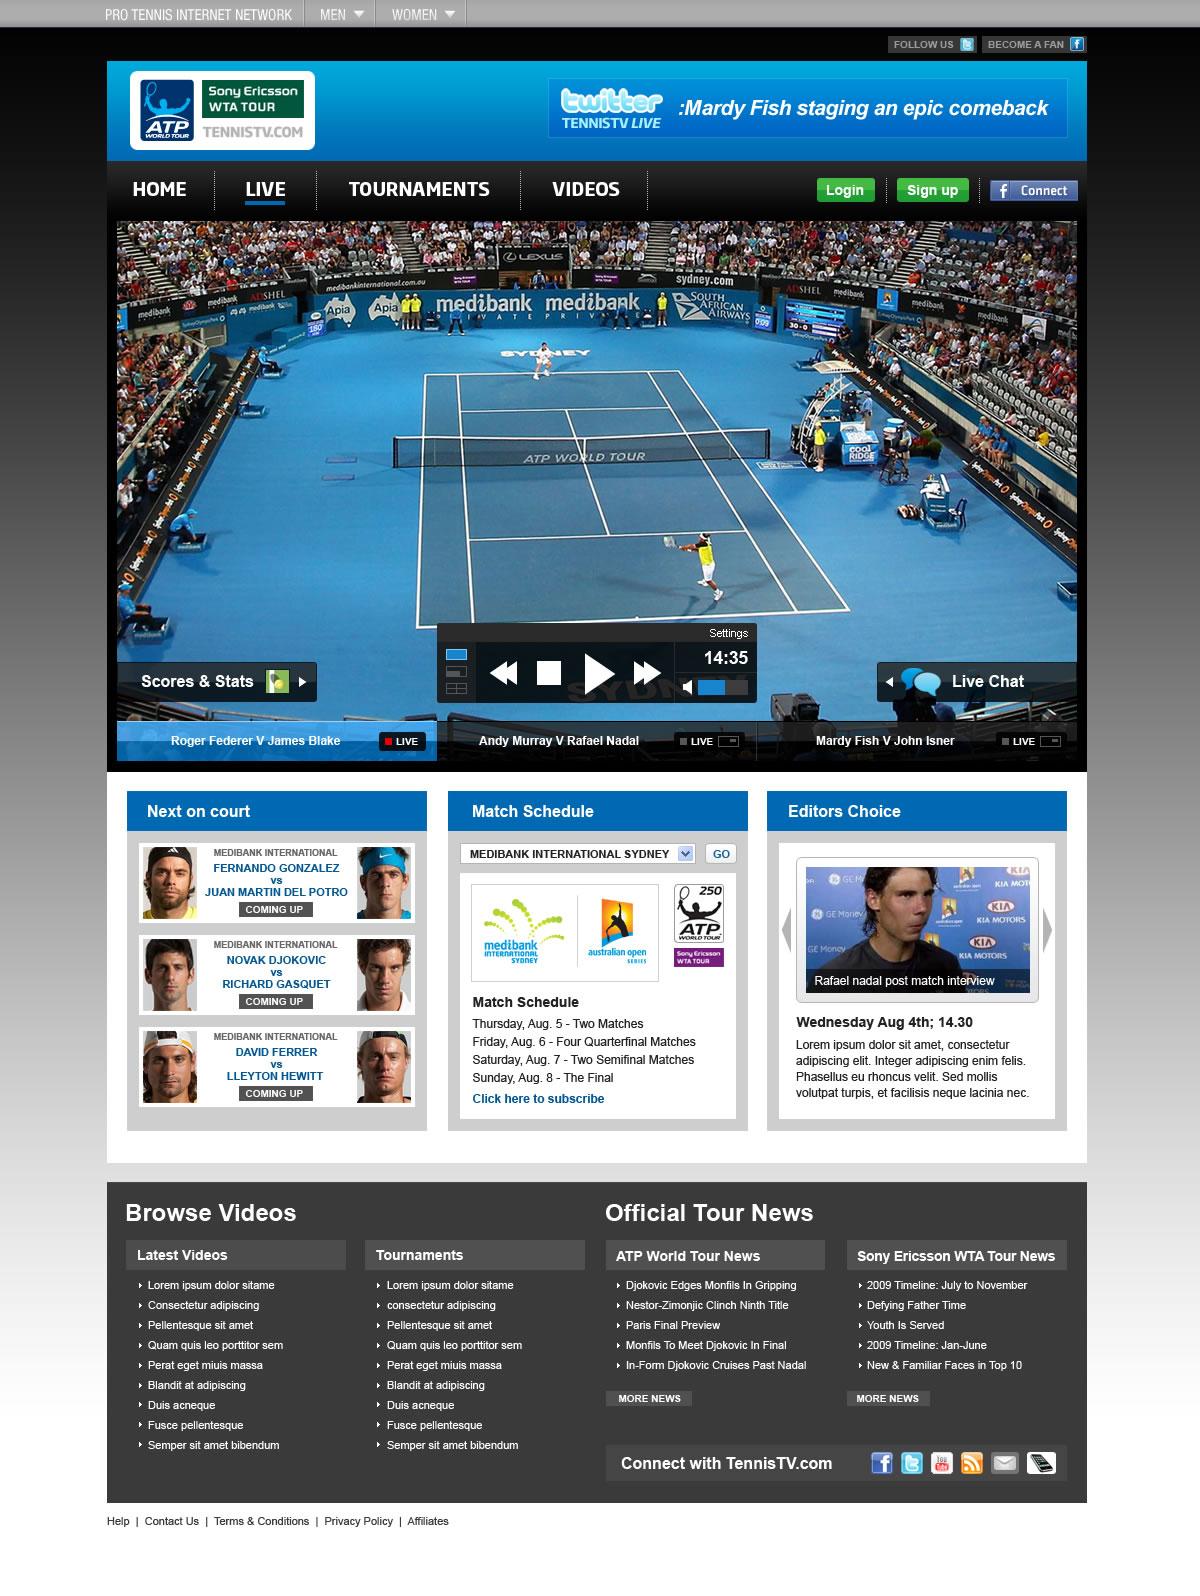 tennisTV_live_basic_view